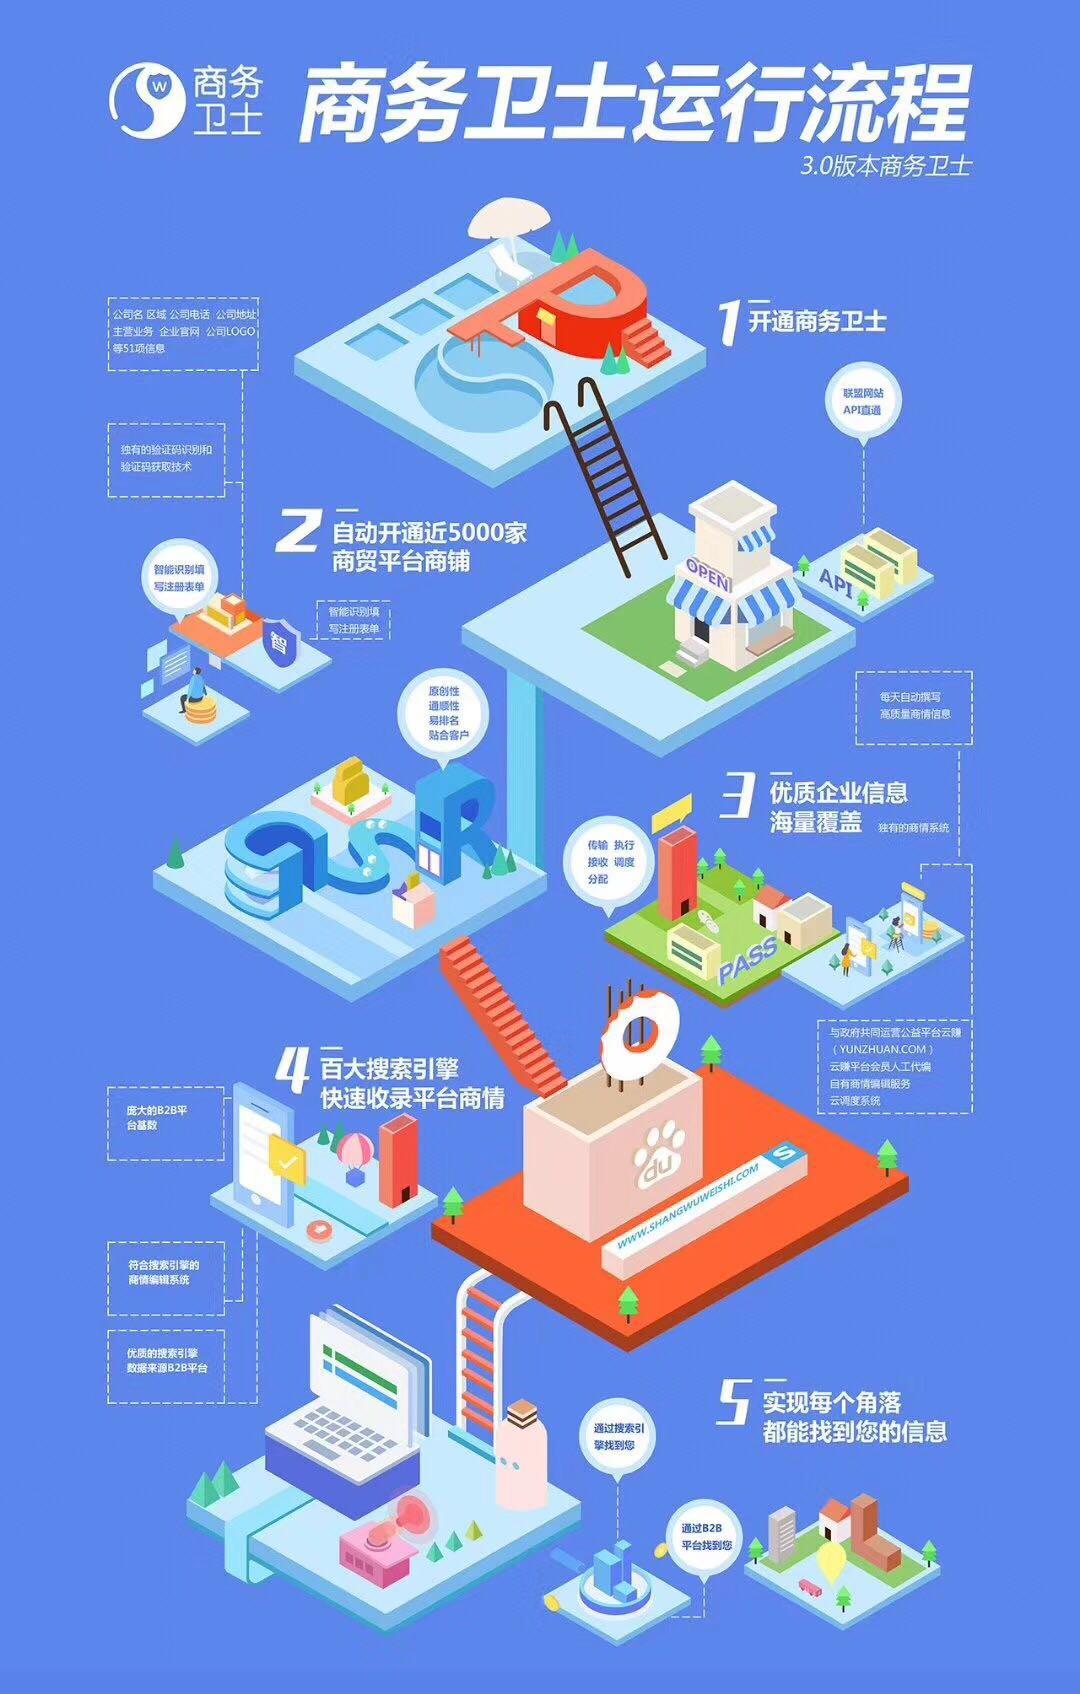 网络推广就找金峰科技有限公司 怎么选择营销推广